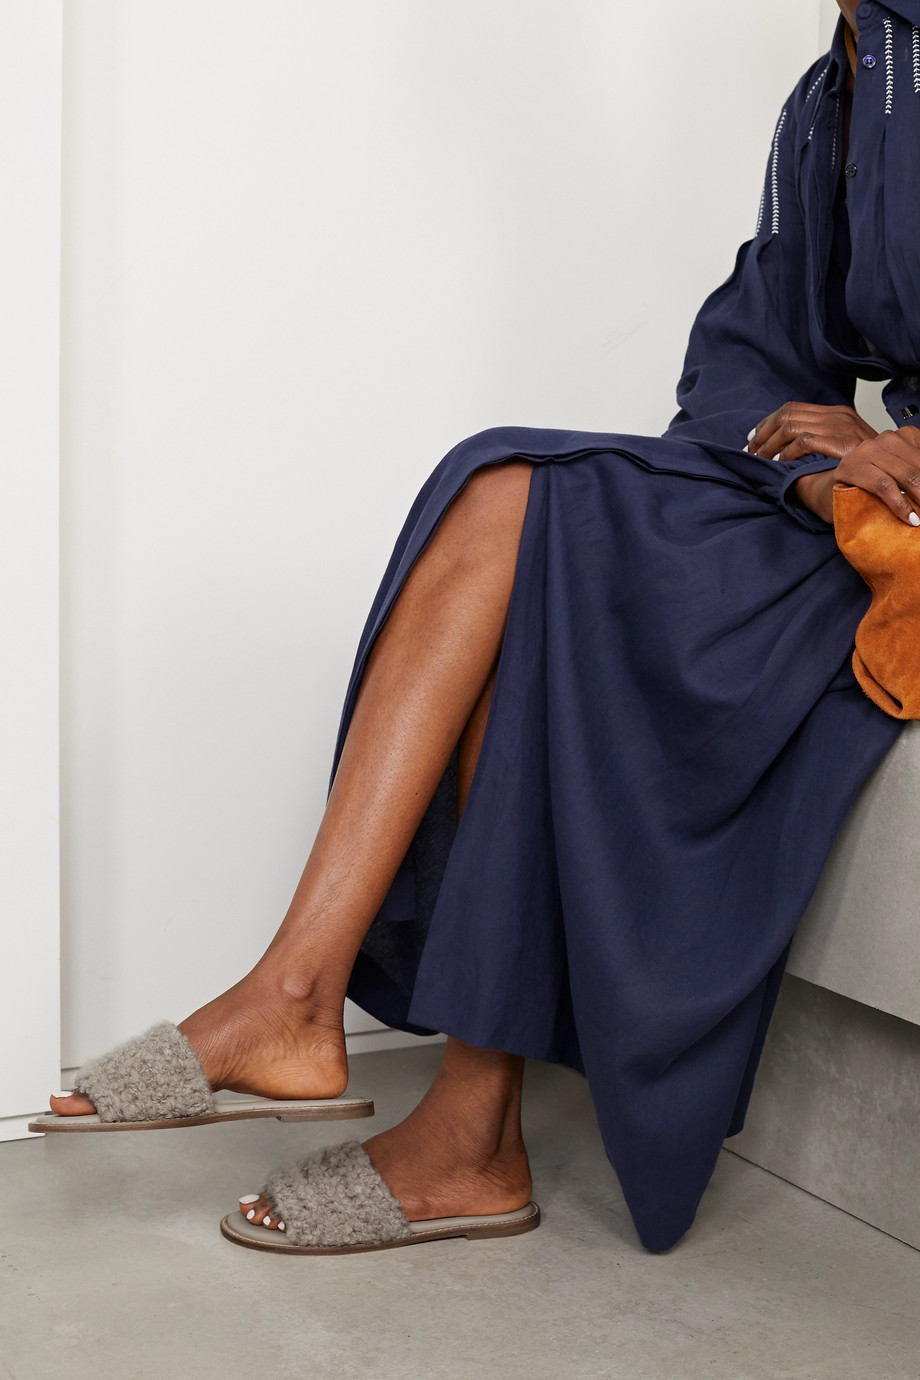 Gabriela Hearst Ballast cashmere slides